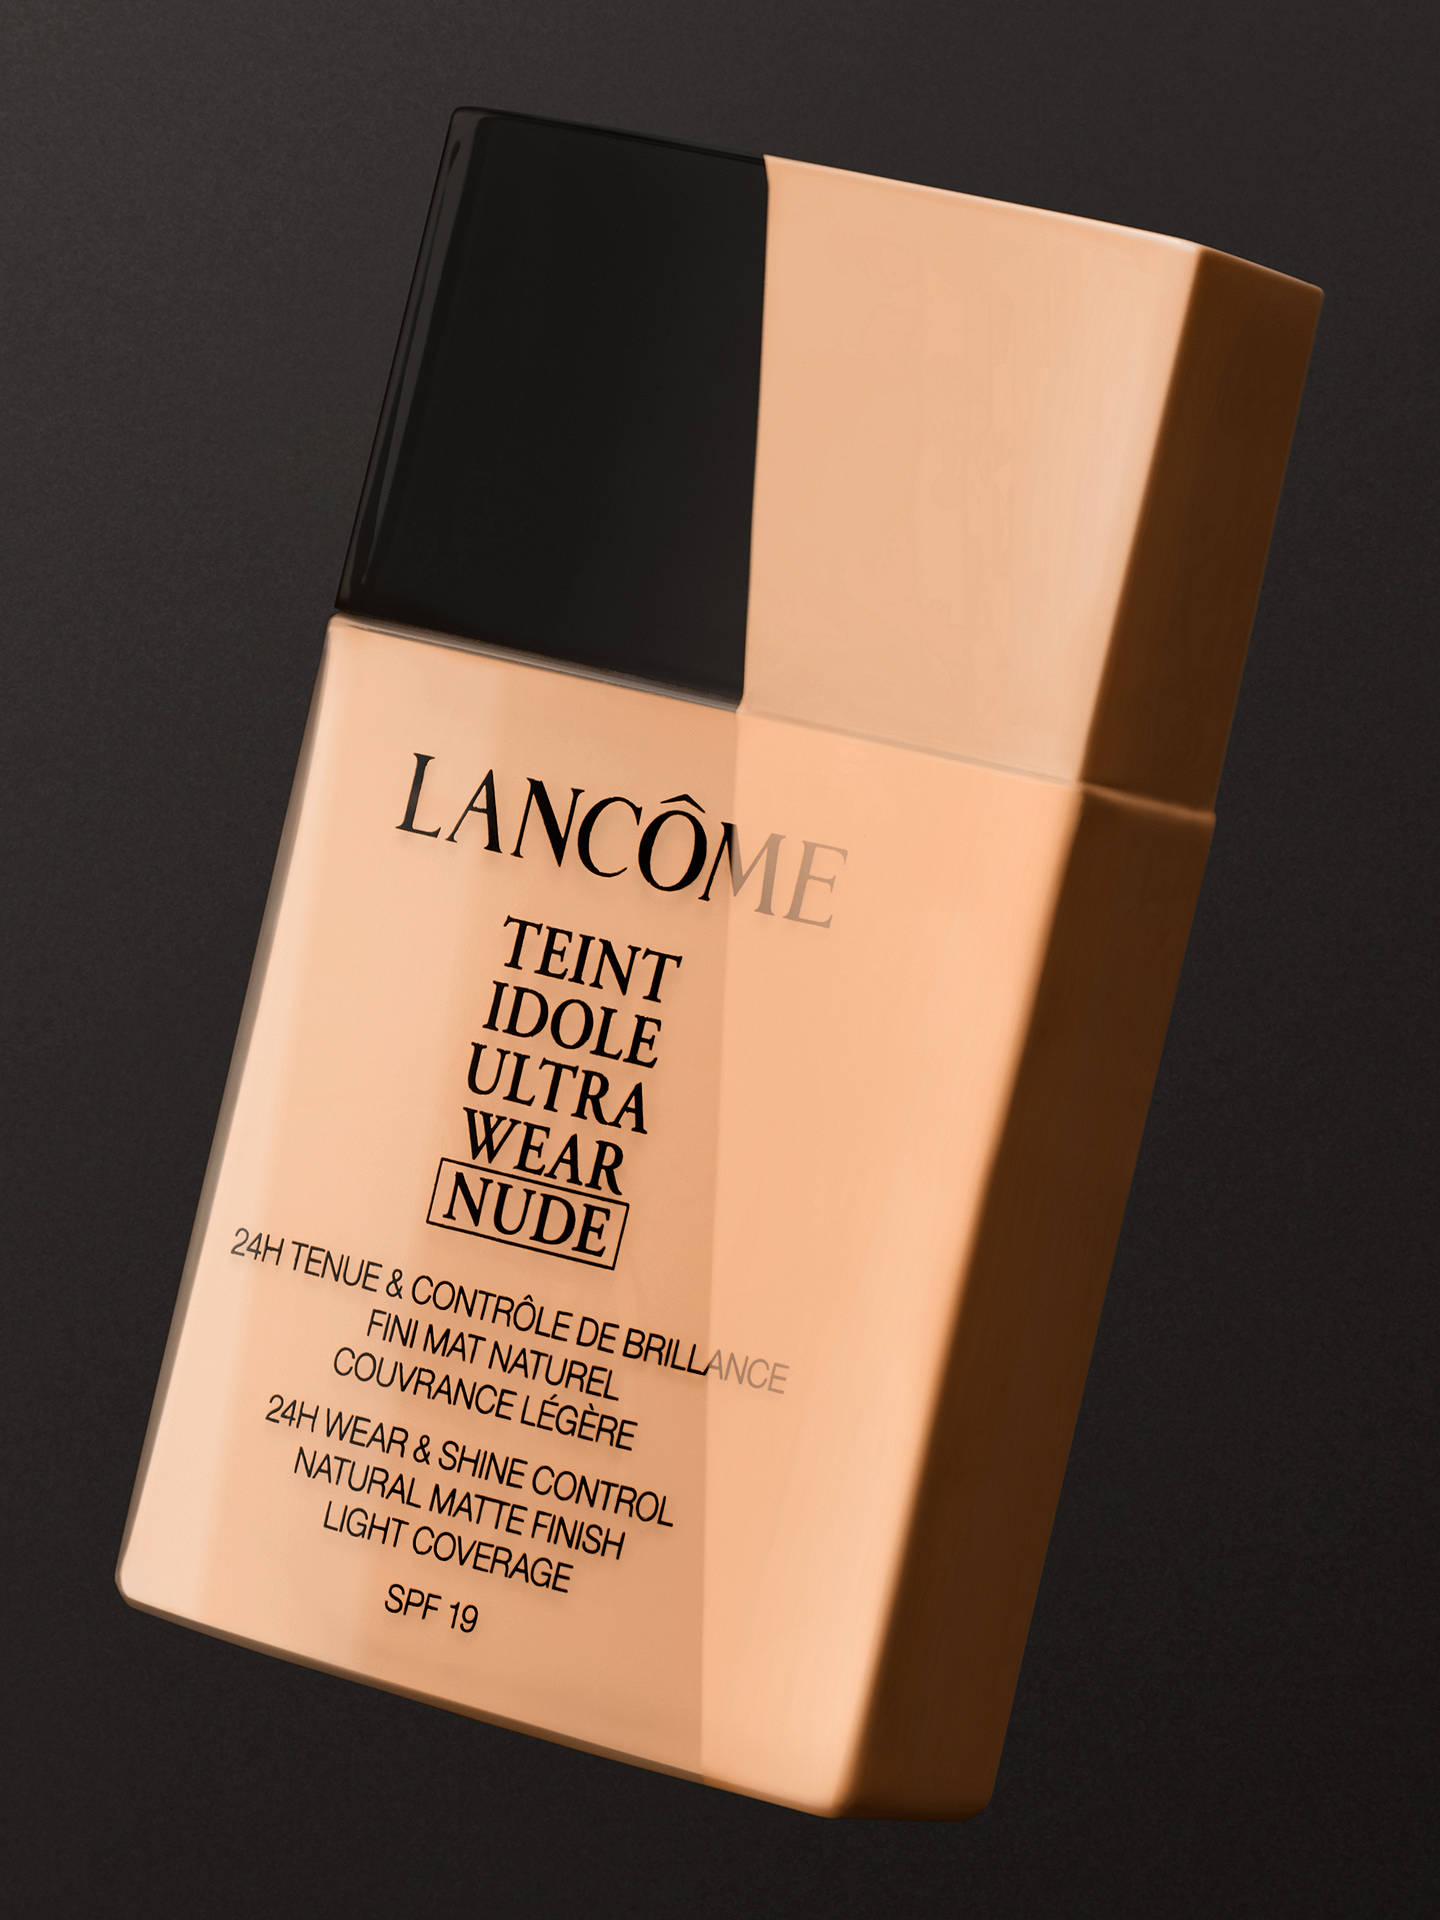 Lancôme Teint Idole Ultra Wear Nude Foundation SPF 19, 005 Beige Ivorie